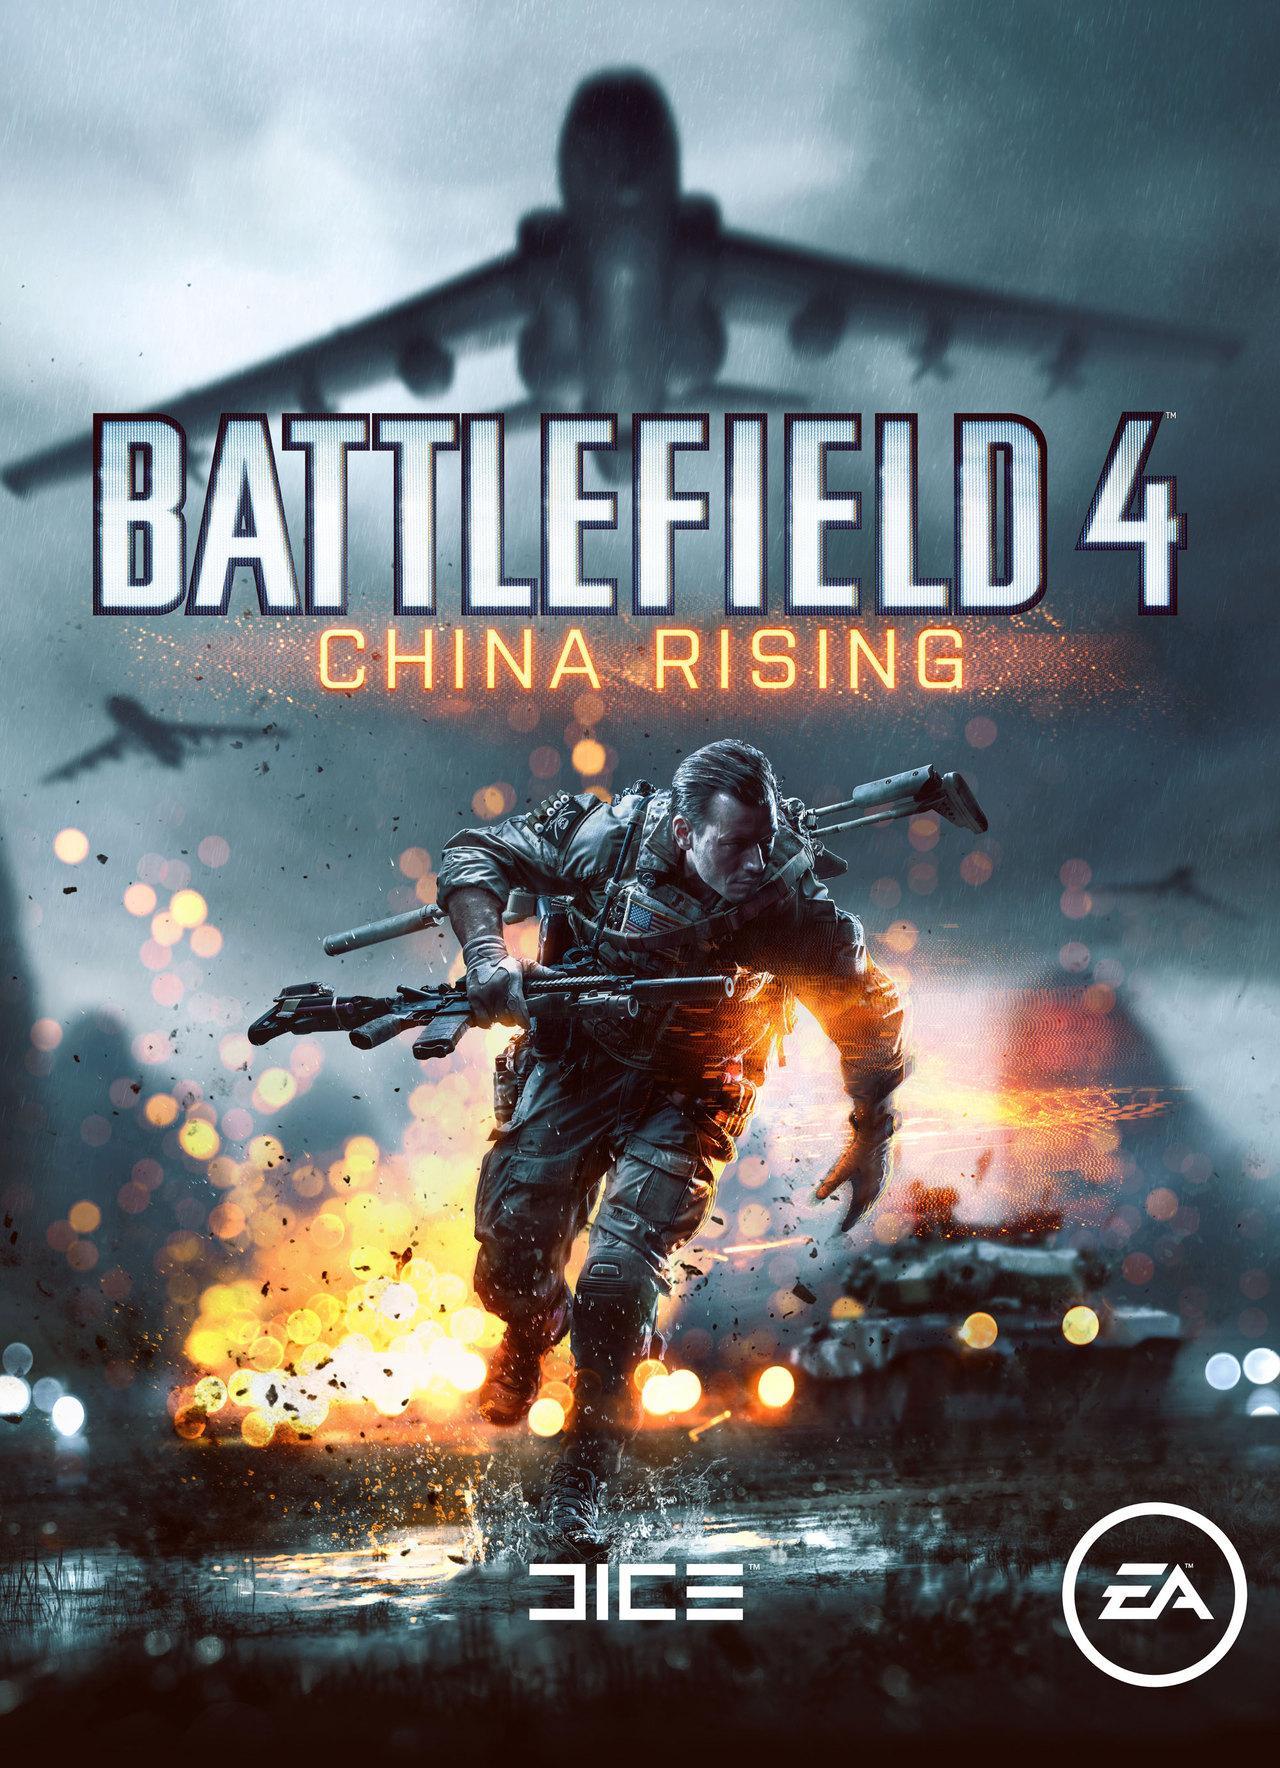 [Membres Gold] DLC - China Rising Gratuit pour Battlefield 4 sur Xbox 360 et Xbox One